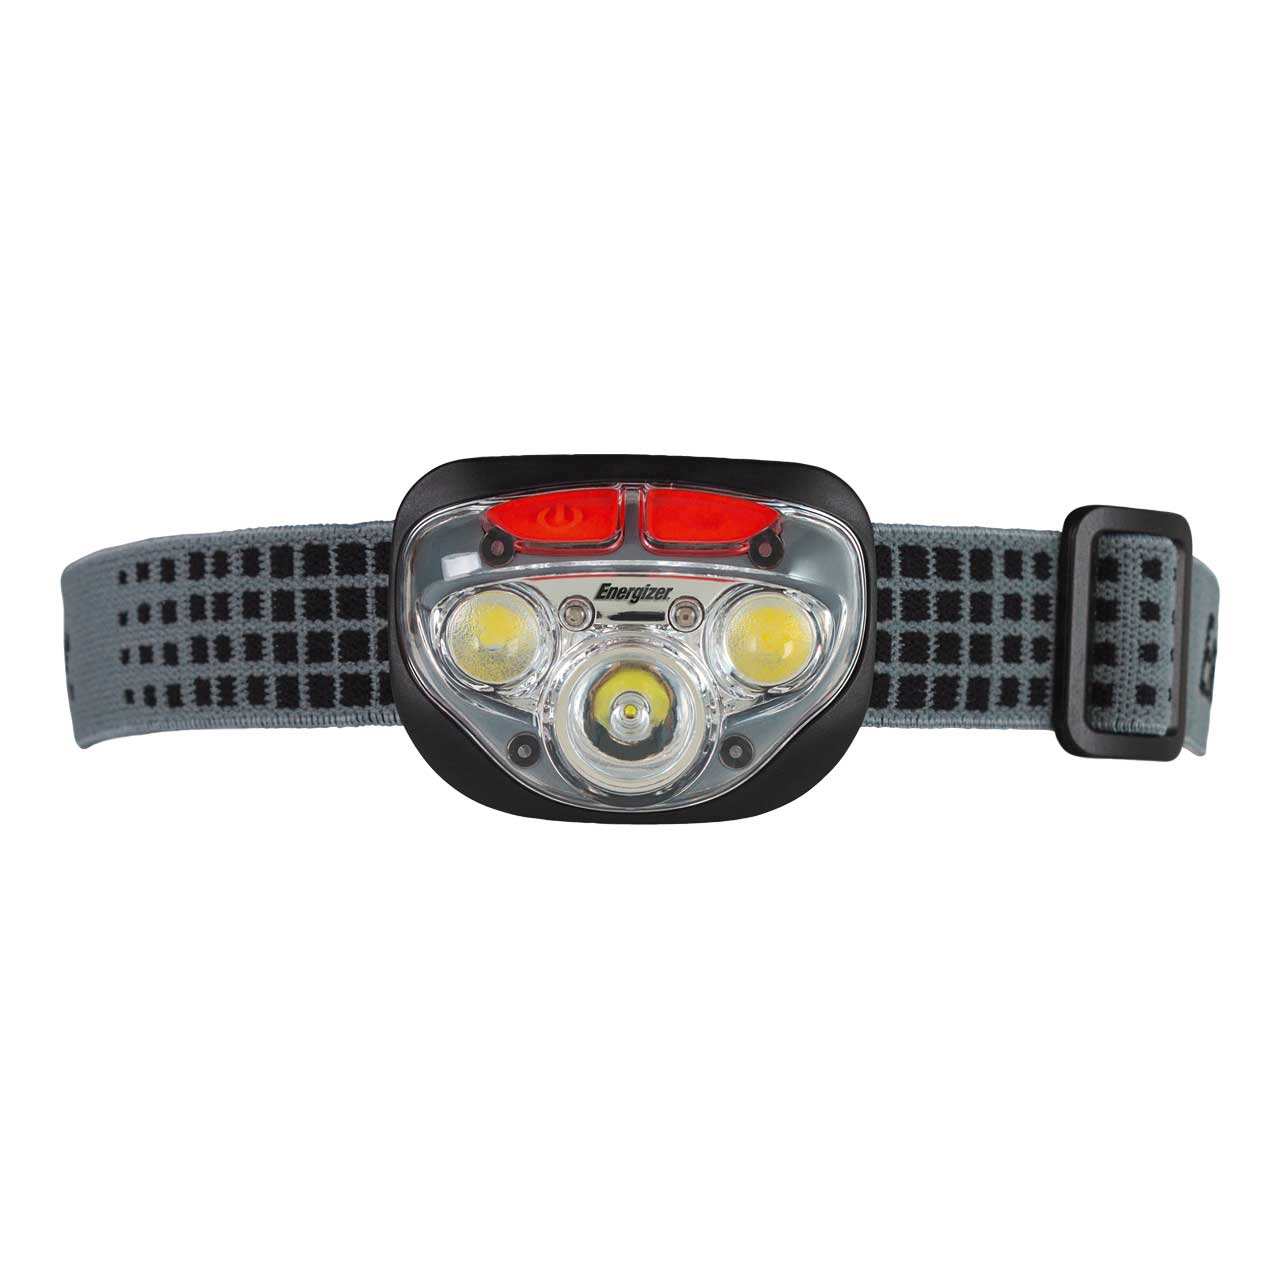 LEDKopflampe Vision HD+ Focus